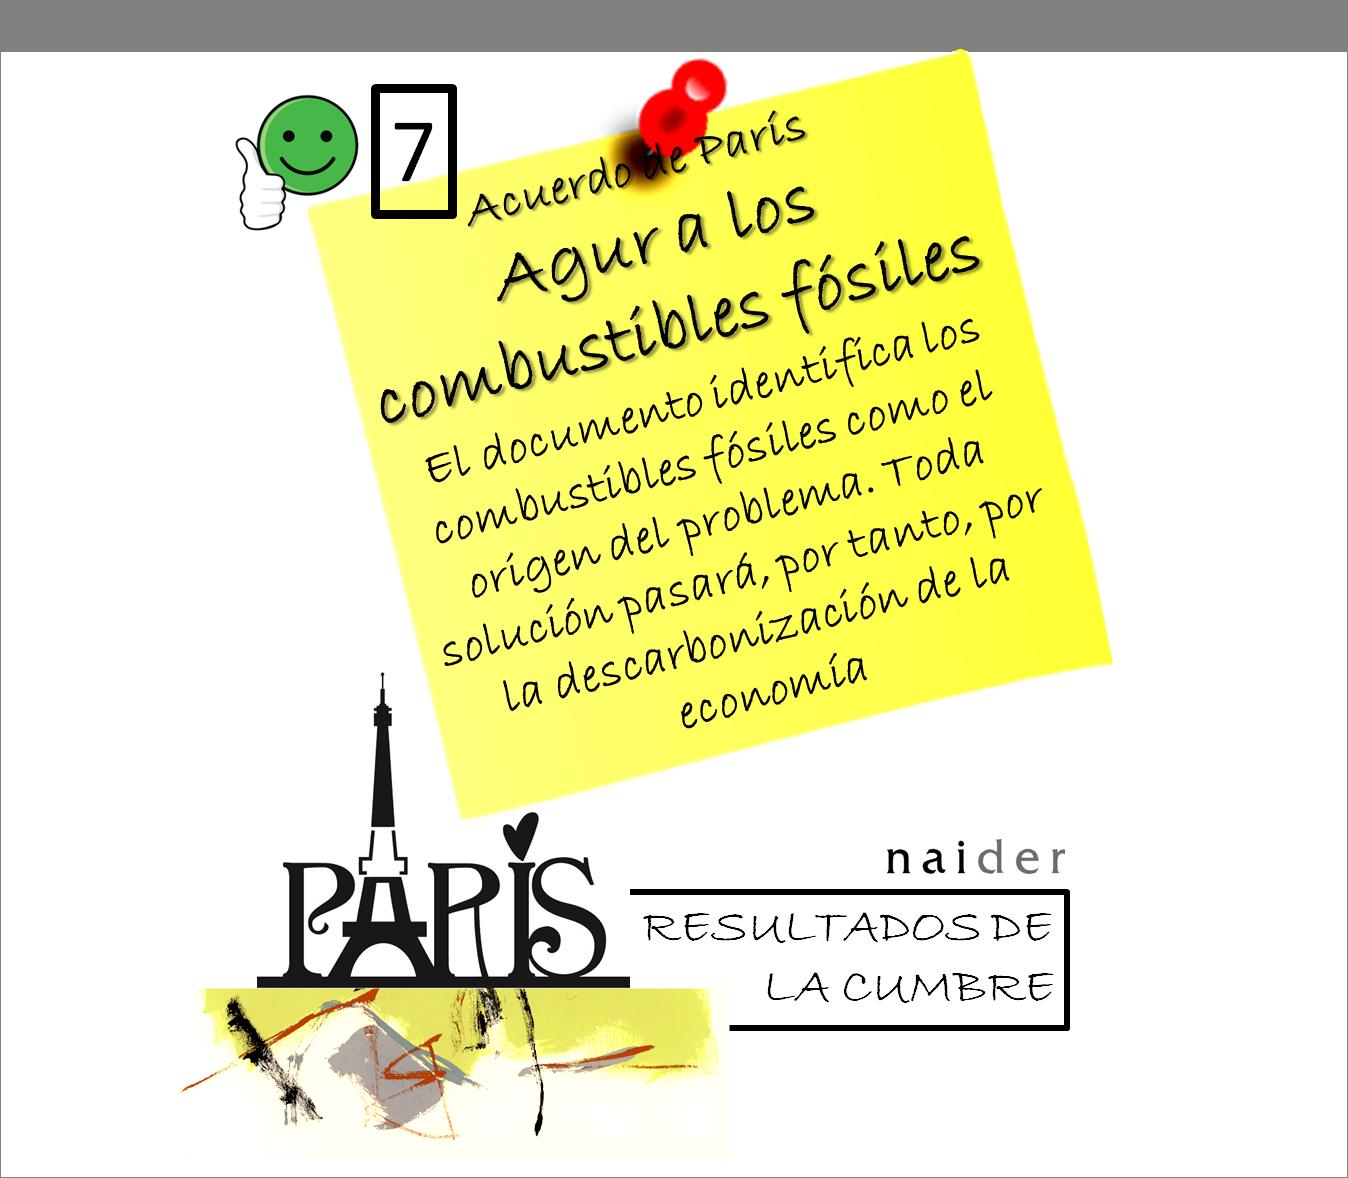 Paris agreement 7